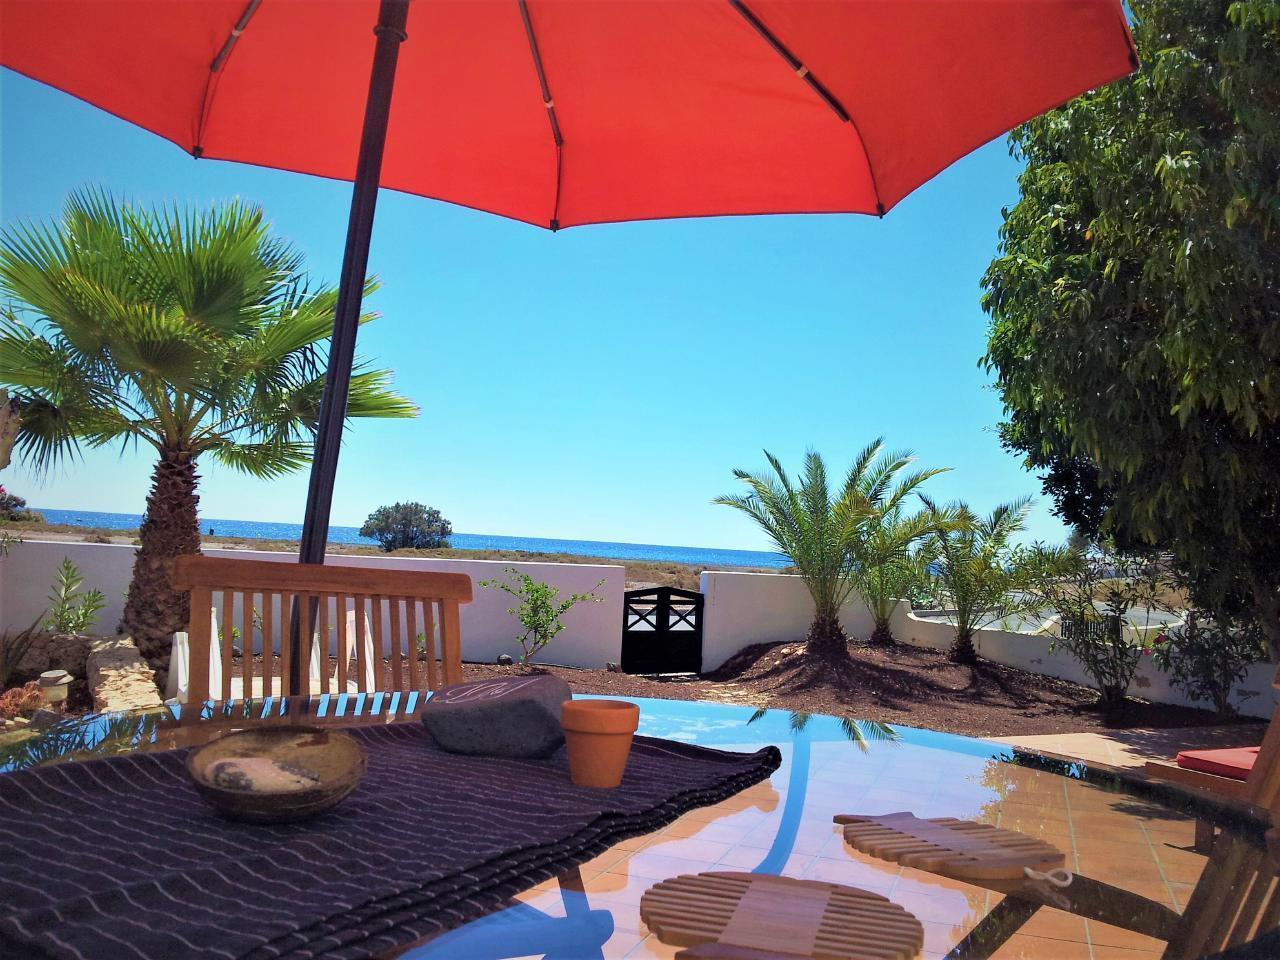 Ferienhaus Exklusive Villa in Strandnähe (642541), Giniginamar, Fuerteventura, Kanarische Inseln, Spanien, Bild 25